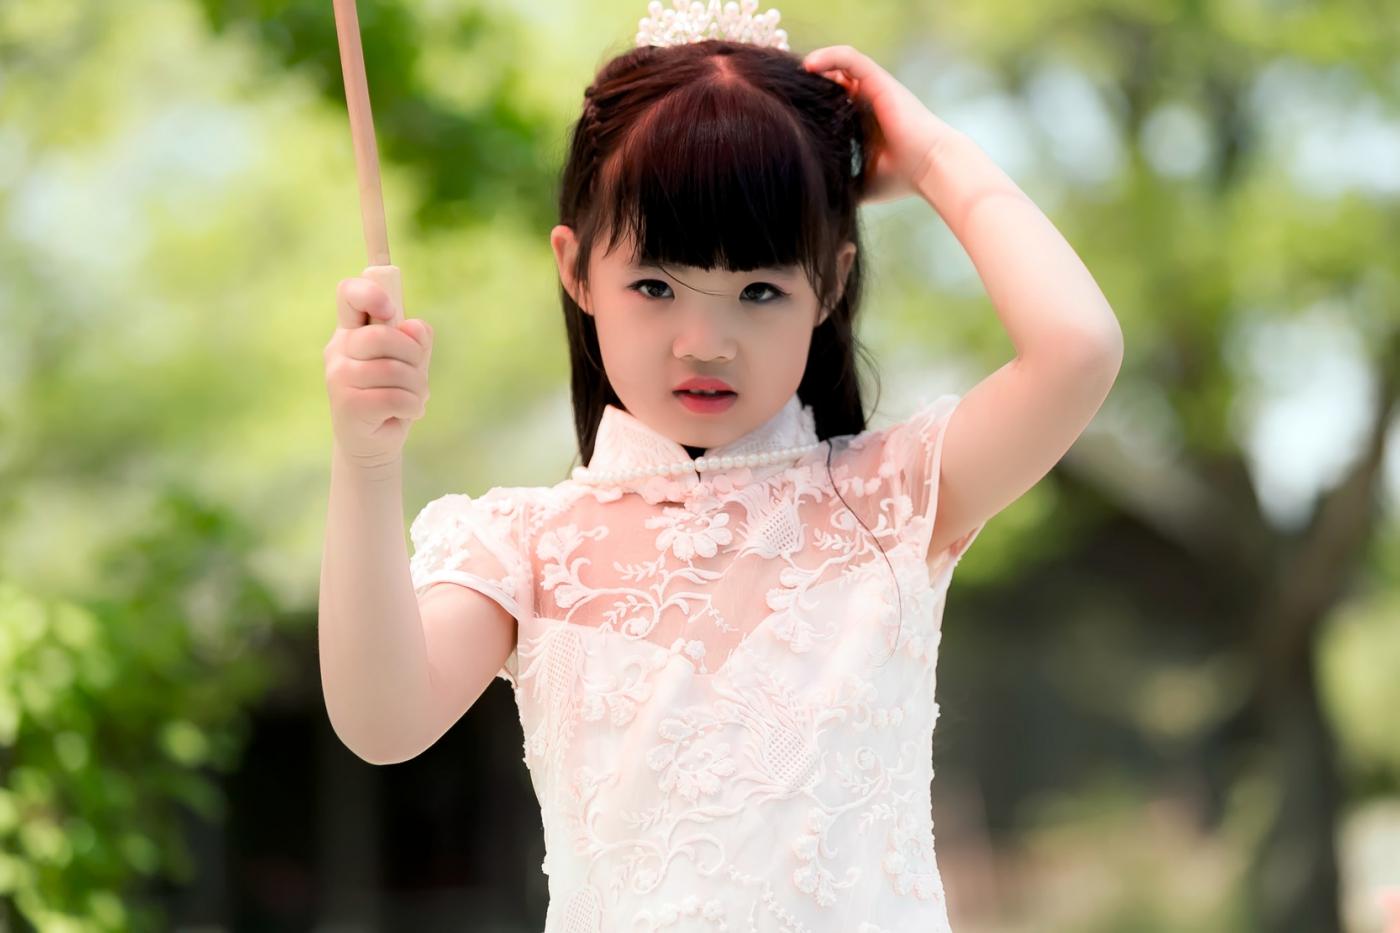 沂蒙娃娃穿上礼服走上show台 有个女孩特别萌 礼仪就要从娃娃抓起 ..._图1-27